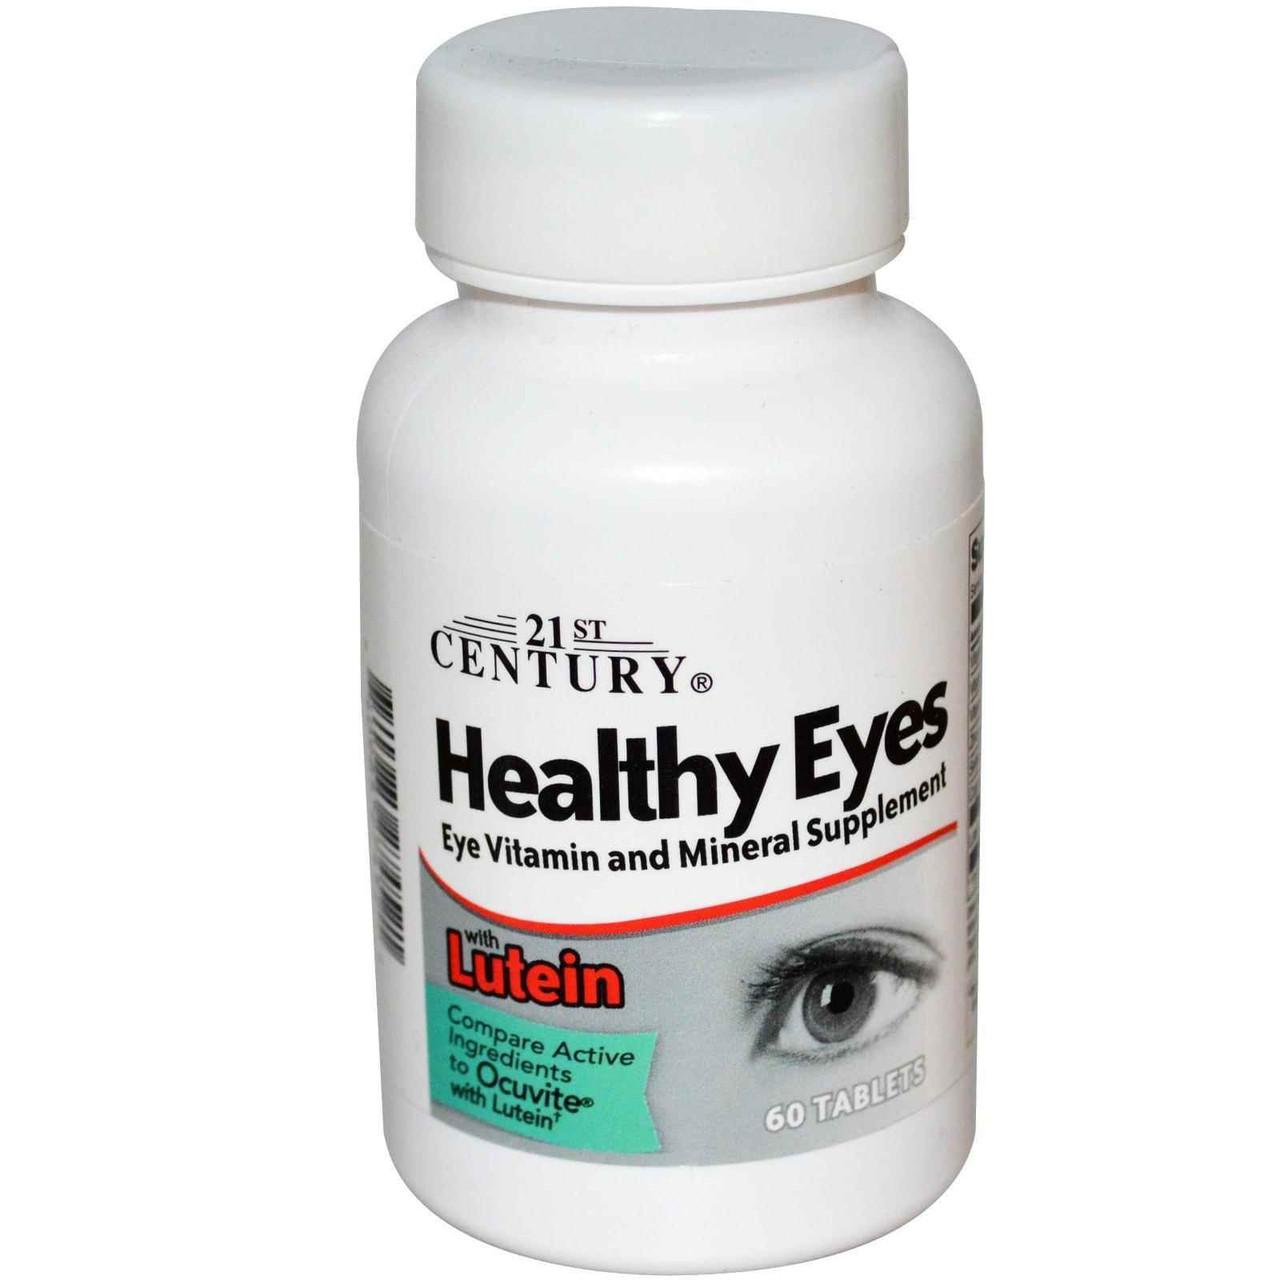 Витамины для глаз с лютеином, 21st Century Health Care